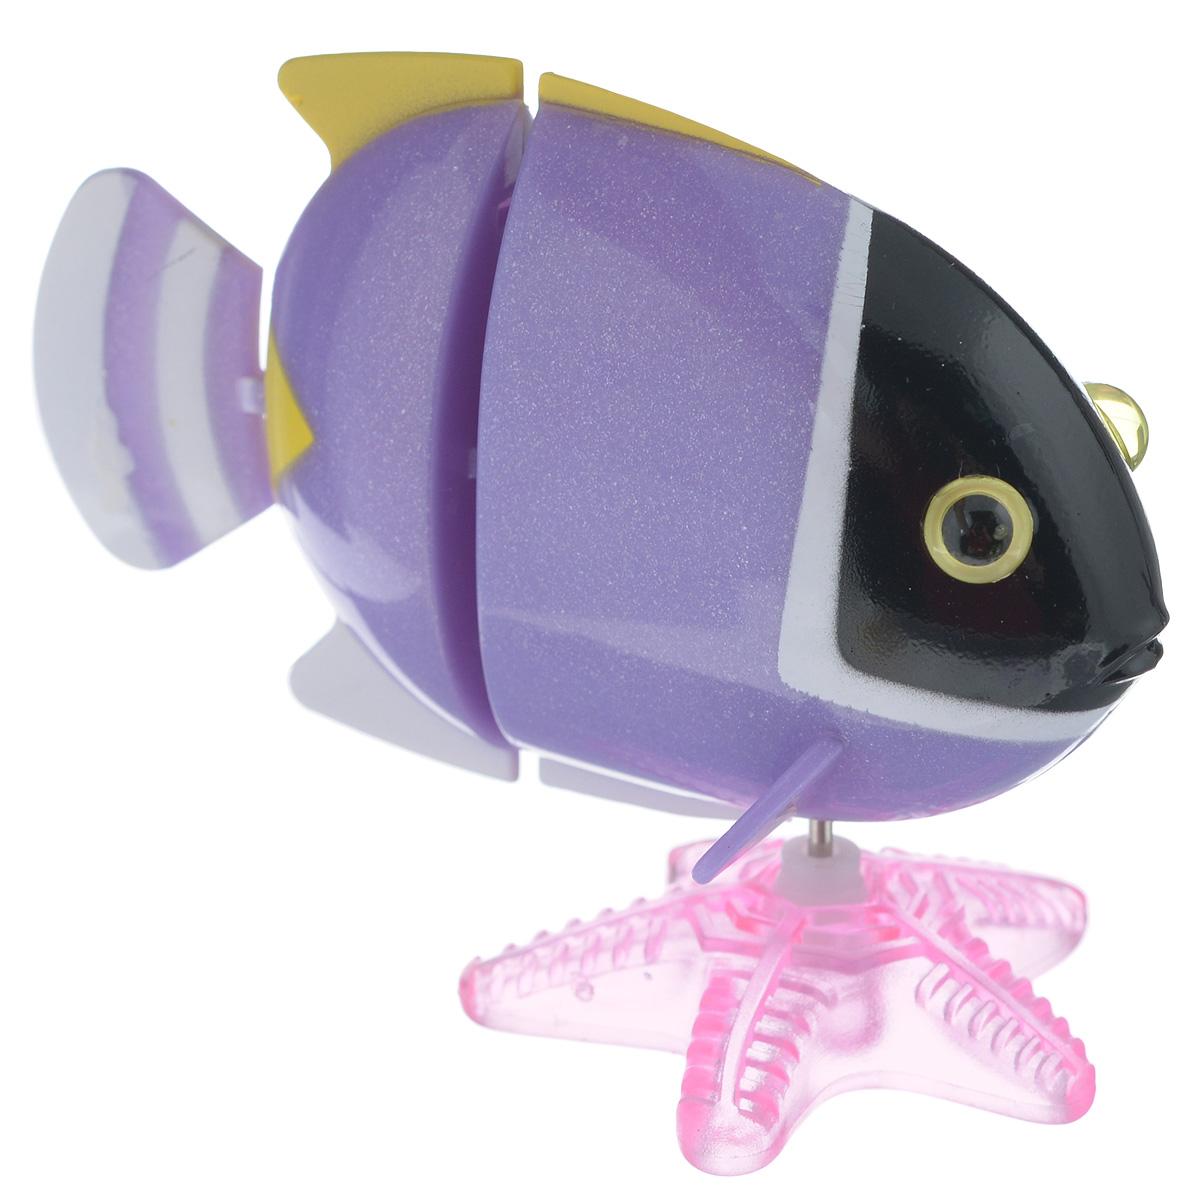 Игрушка заводная Коралловая рыбка, цвет: фиолетовый2K-F2D_ фиолетовыйИгрушка Hans Коралловая рыбка привлечет внимание вашего малыша и не позволит ему скучать! Выполненная из безопасного пластика, игрушка представляет собой забавную рыбку. В комплекте имеется морская звезда, благодаря которой игрушку можно поставить на горизонтальную поверхность. Игрушка имеет механический завод. Для запуска, придерживая гребной винт, поверните заводной ключ по часовой стрелке до упора. Опустите игрушку в воду и она поплывет вперед. Заводная игрушка Hans Коралловая рыбка поможет ребенку в развитии воображения, мелкой моторики рук, концентрации внимания и цветового восприятия. Игрушка упакована в пластиковое яйцо, которое можно использовать как копилку.